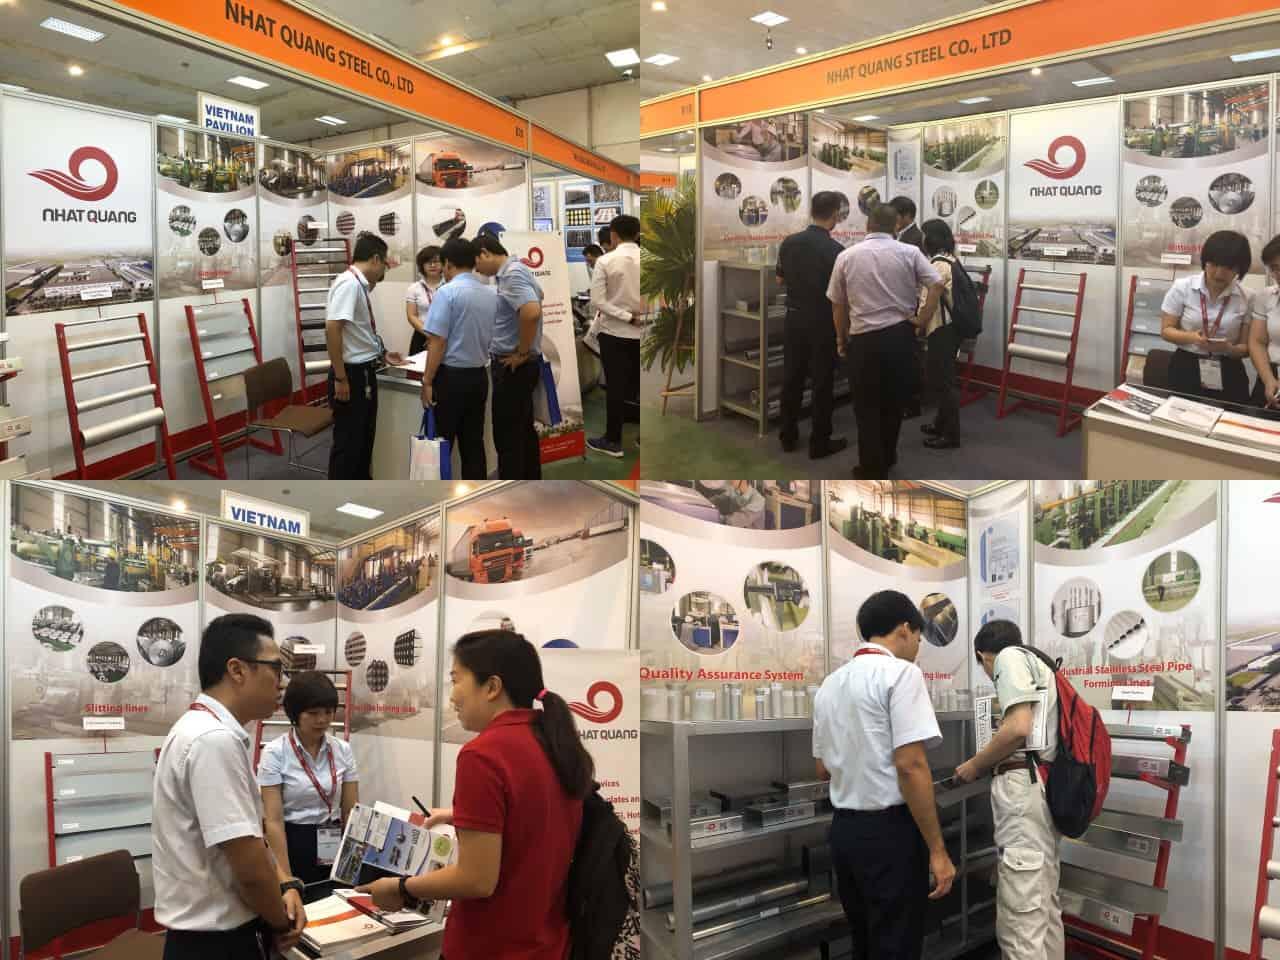 ông ty TNHH Thép Nhật Quang tham gia triển lãm Vietnam Manufacturing EXPO 2018 – Trung tâm triển lãm I.C.E 08-10/08/2018